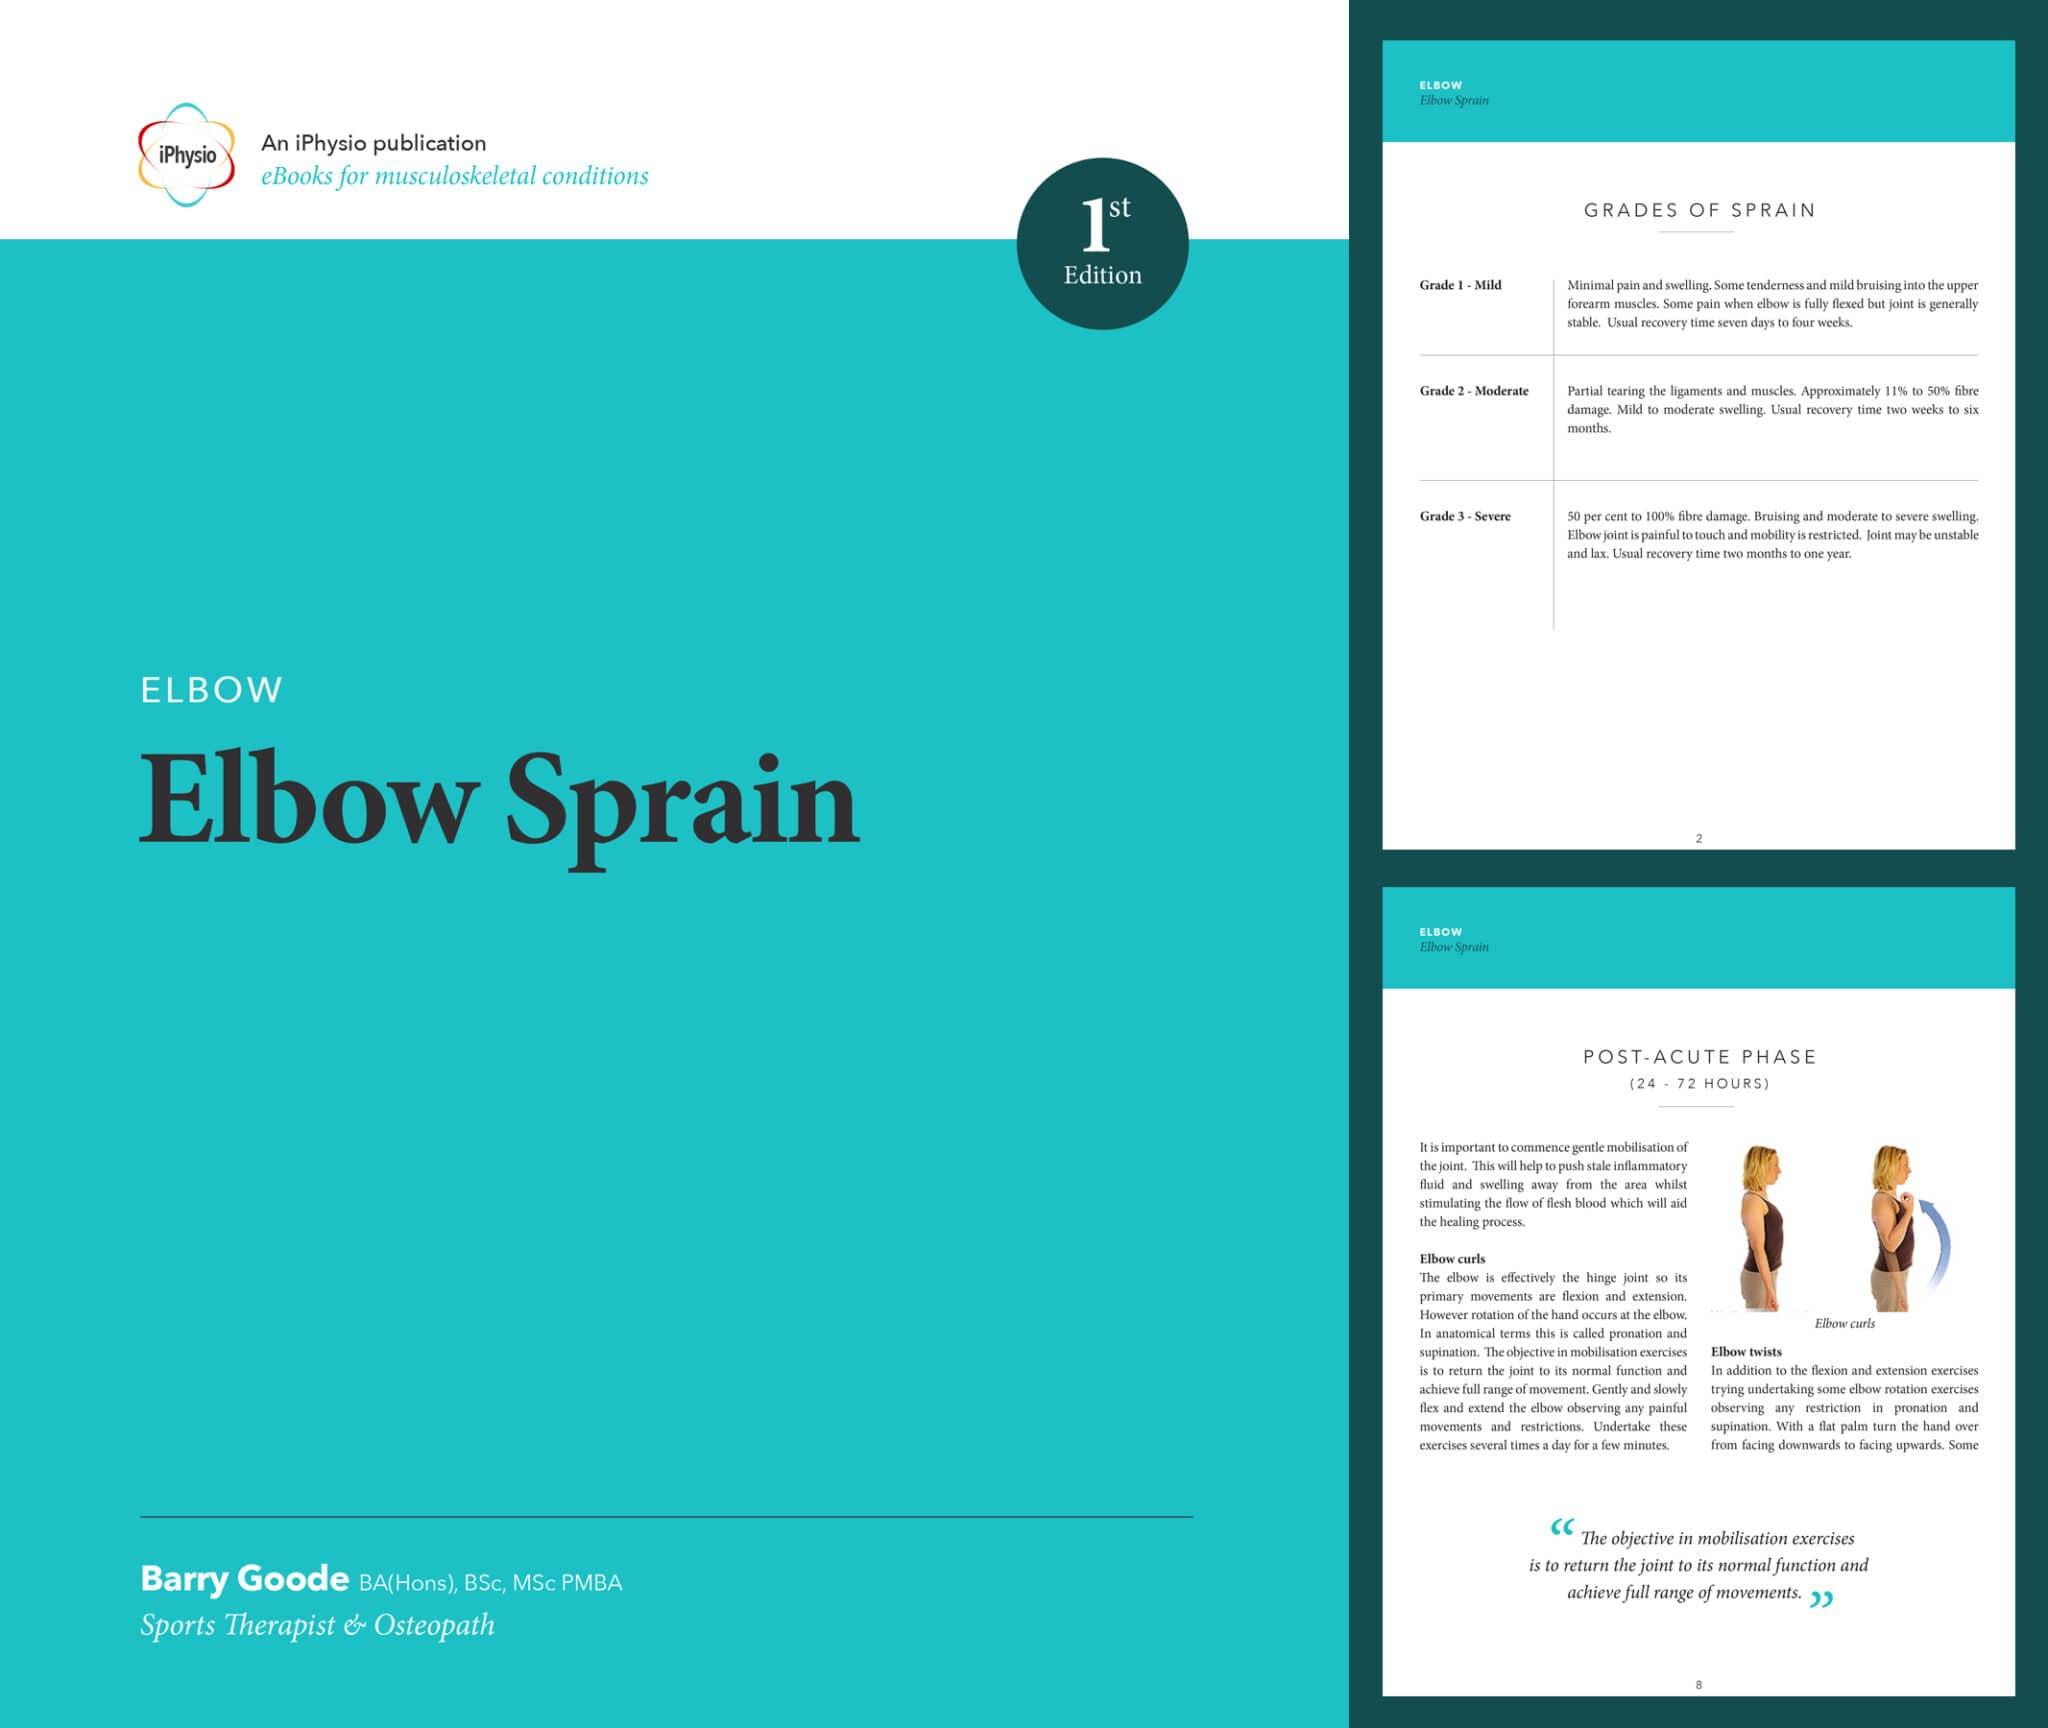 Elbow Sprain treatment advice